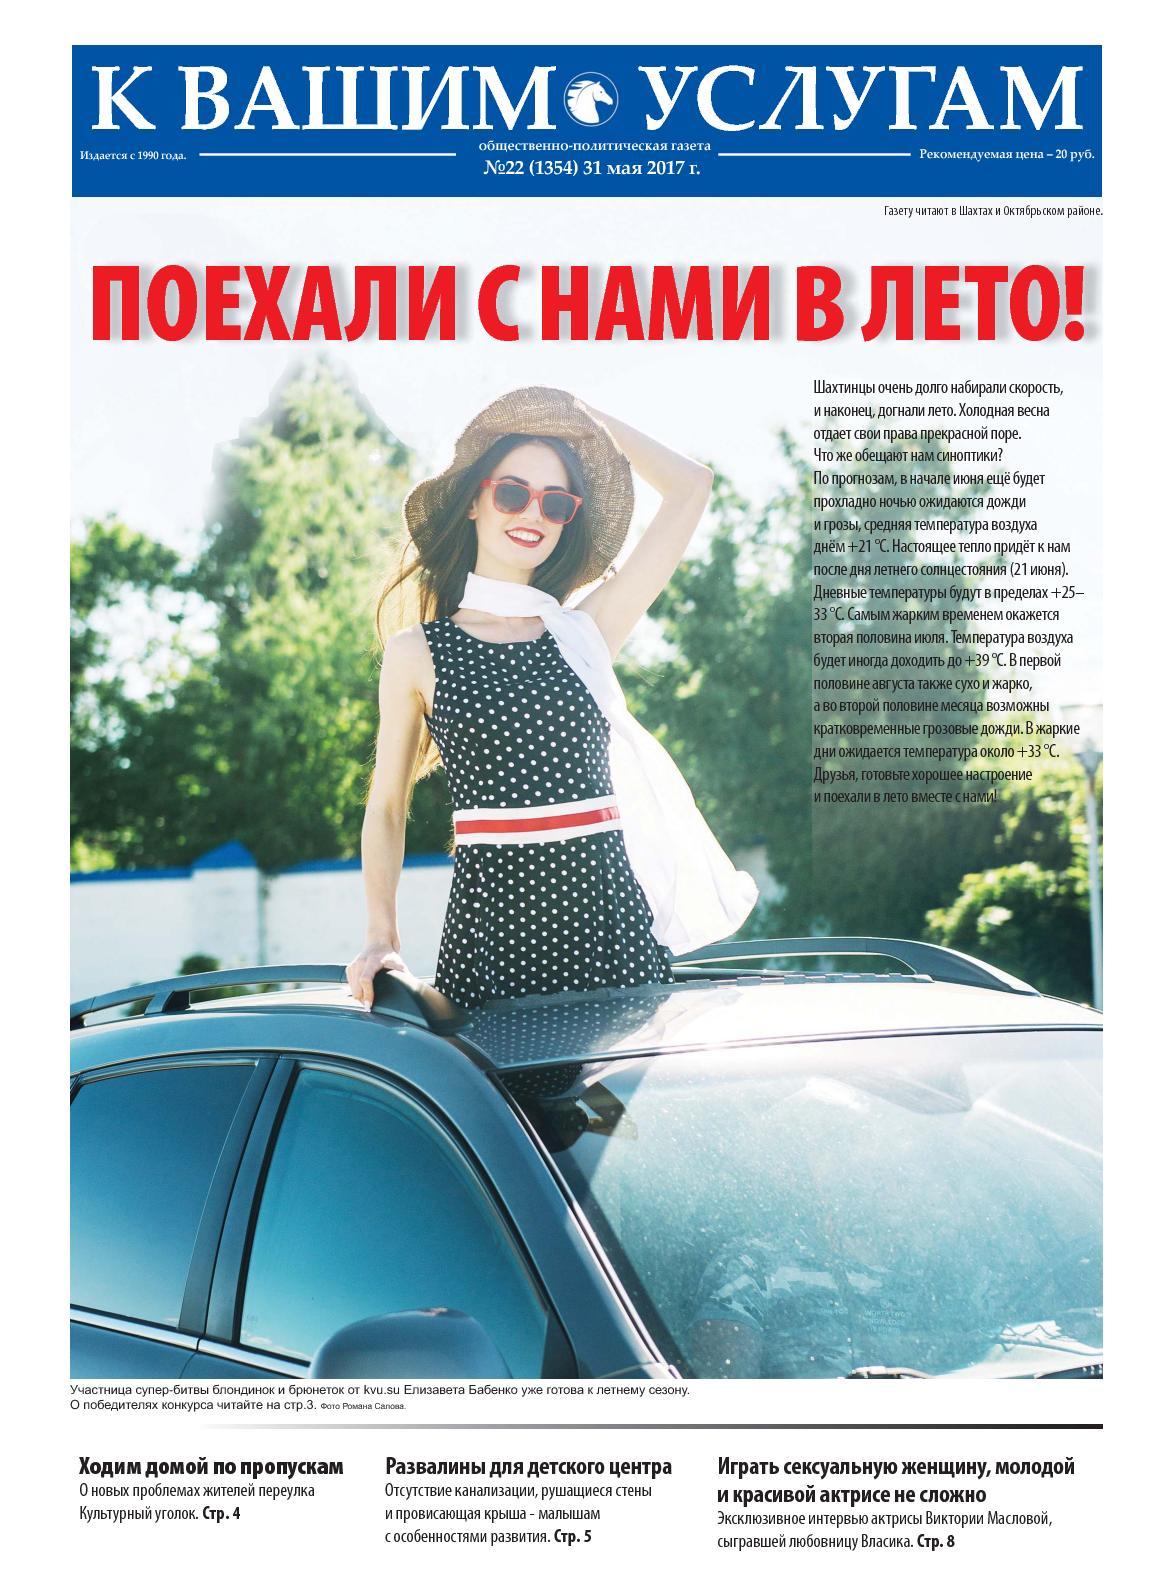 глубокая русская порно актриса анжелика эбби информация тема позорит наш сайт